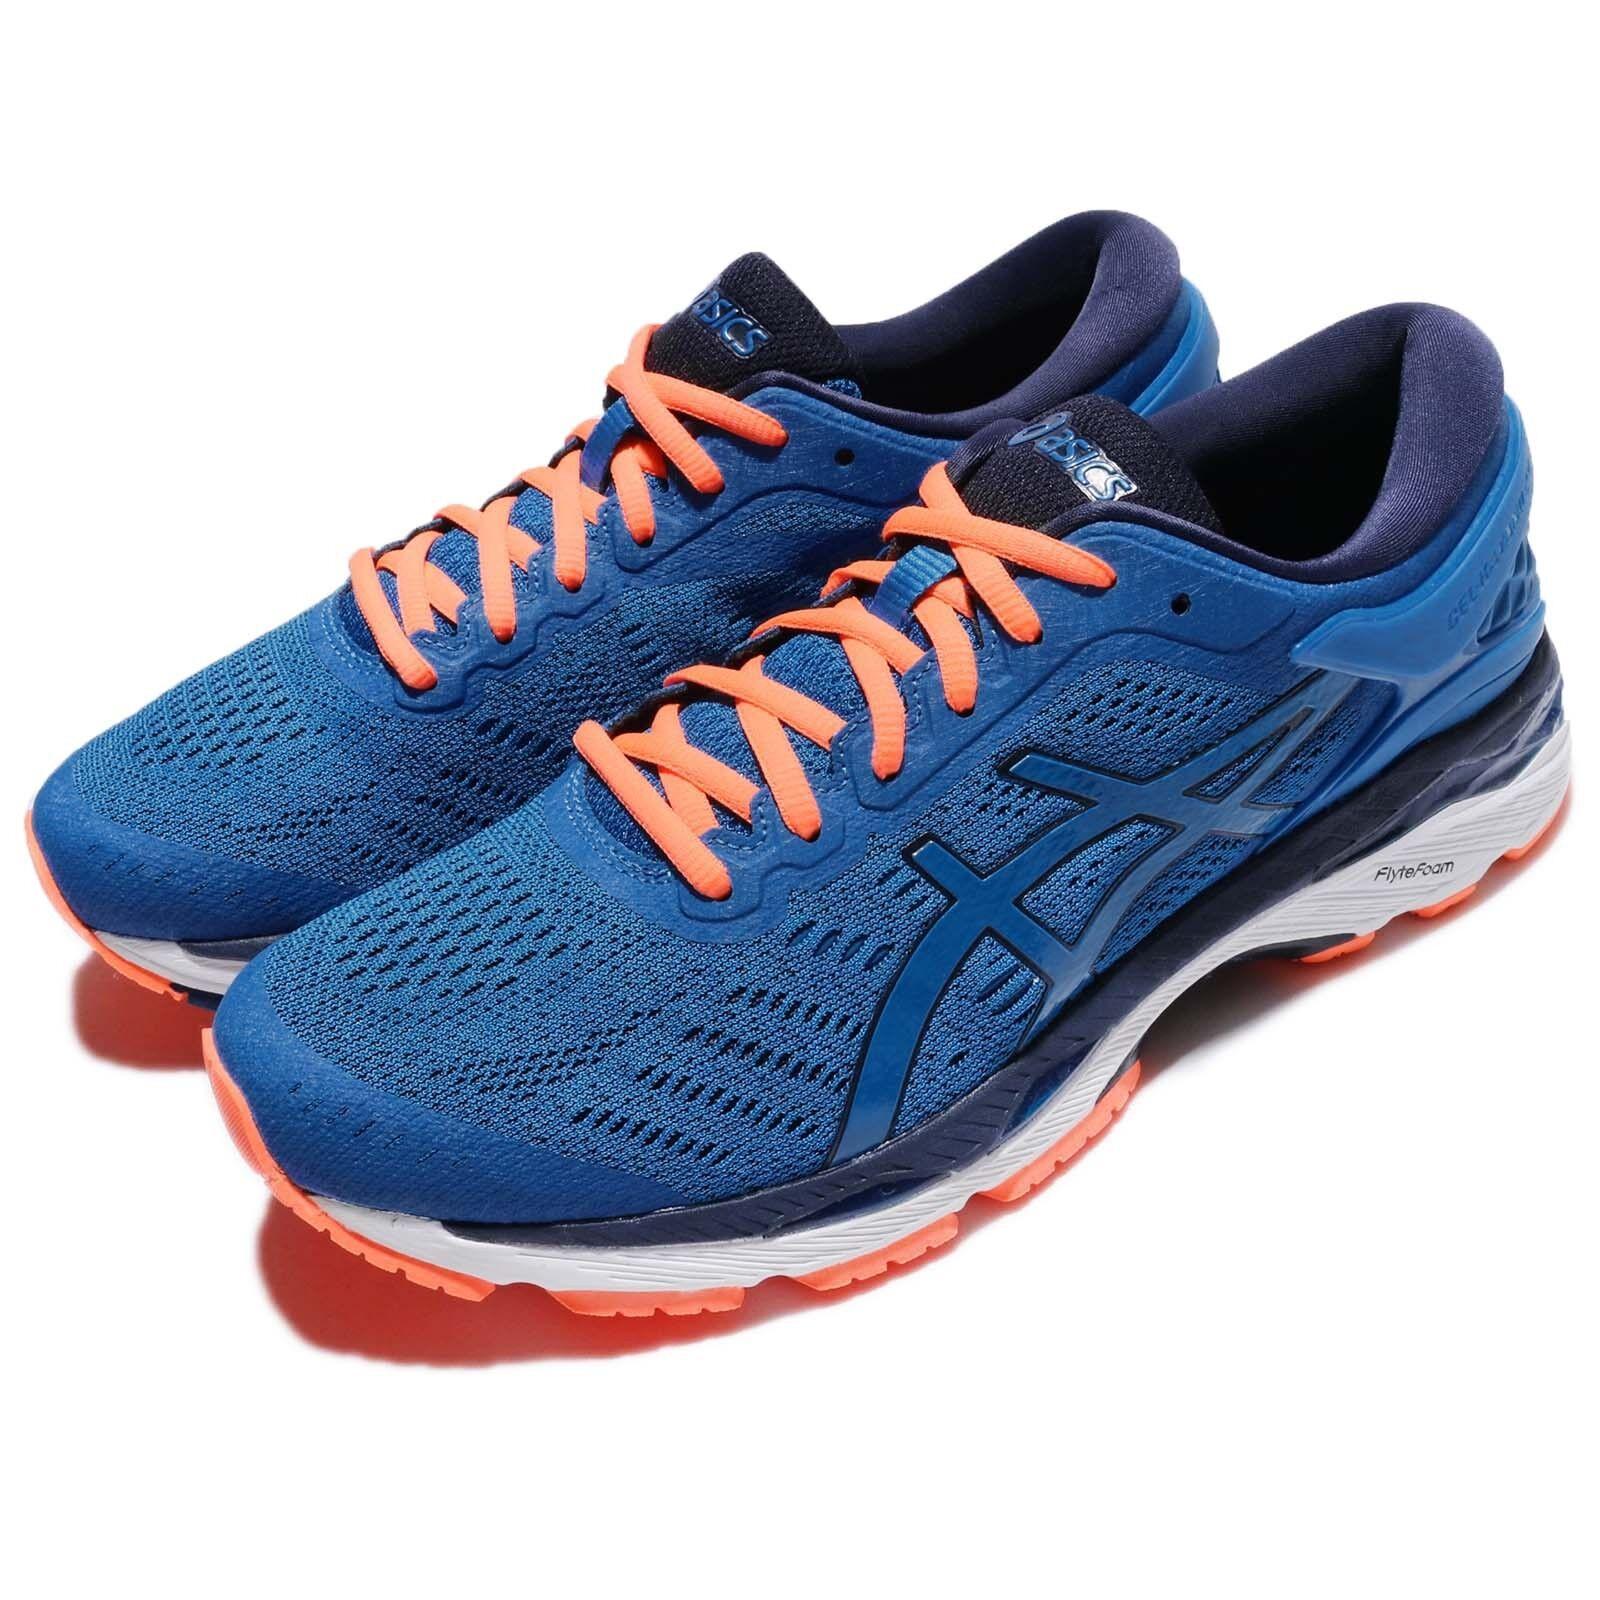 Asic uomini gel kayano 24 direttorio blu arancione bollente uomini Asic scarpe da corsa t749n-4358 33d832